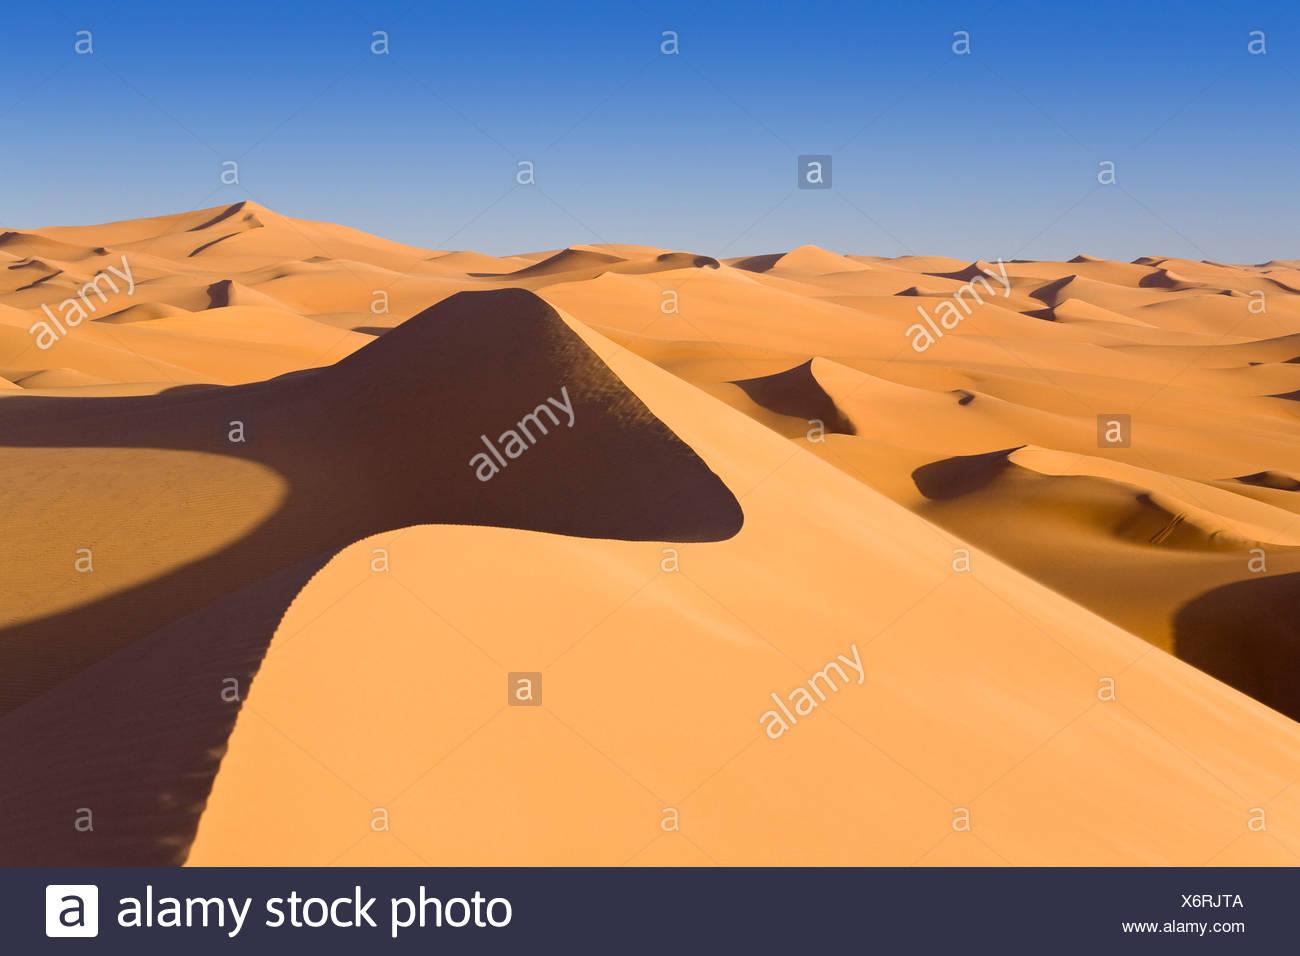 Las dunas de arena en el desierto de Libia, el Sahara, Libia, África del Norte, África Imagen De Stock